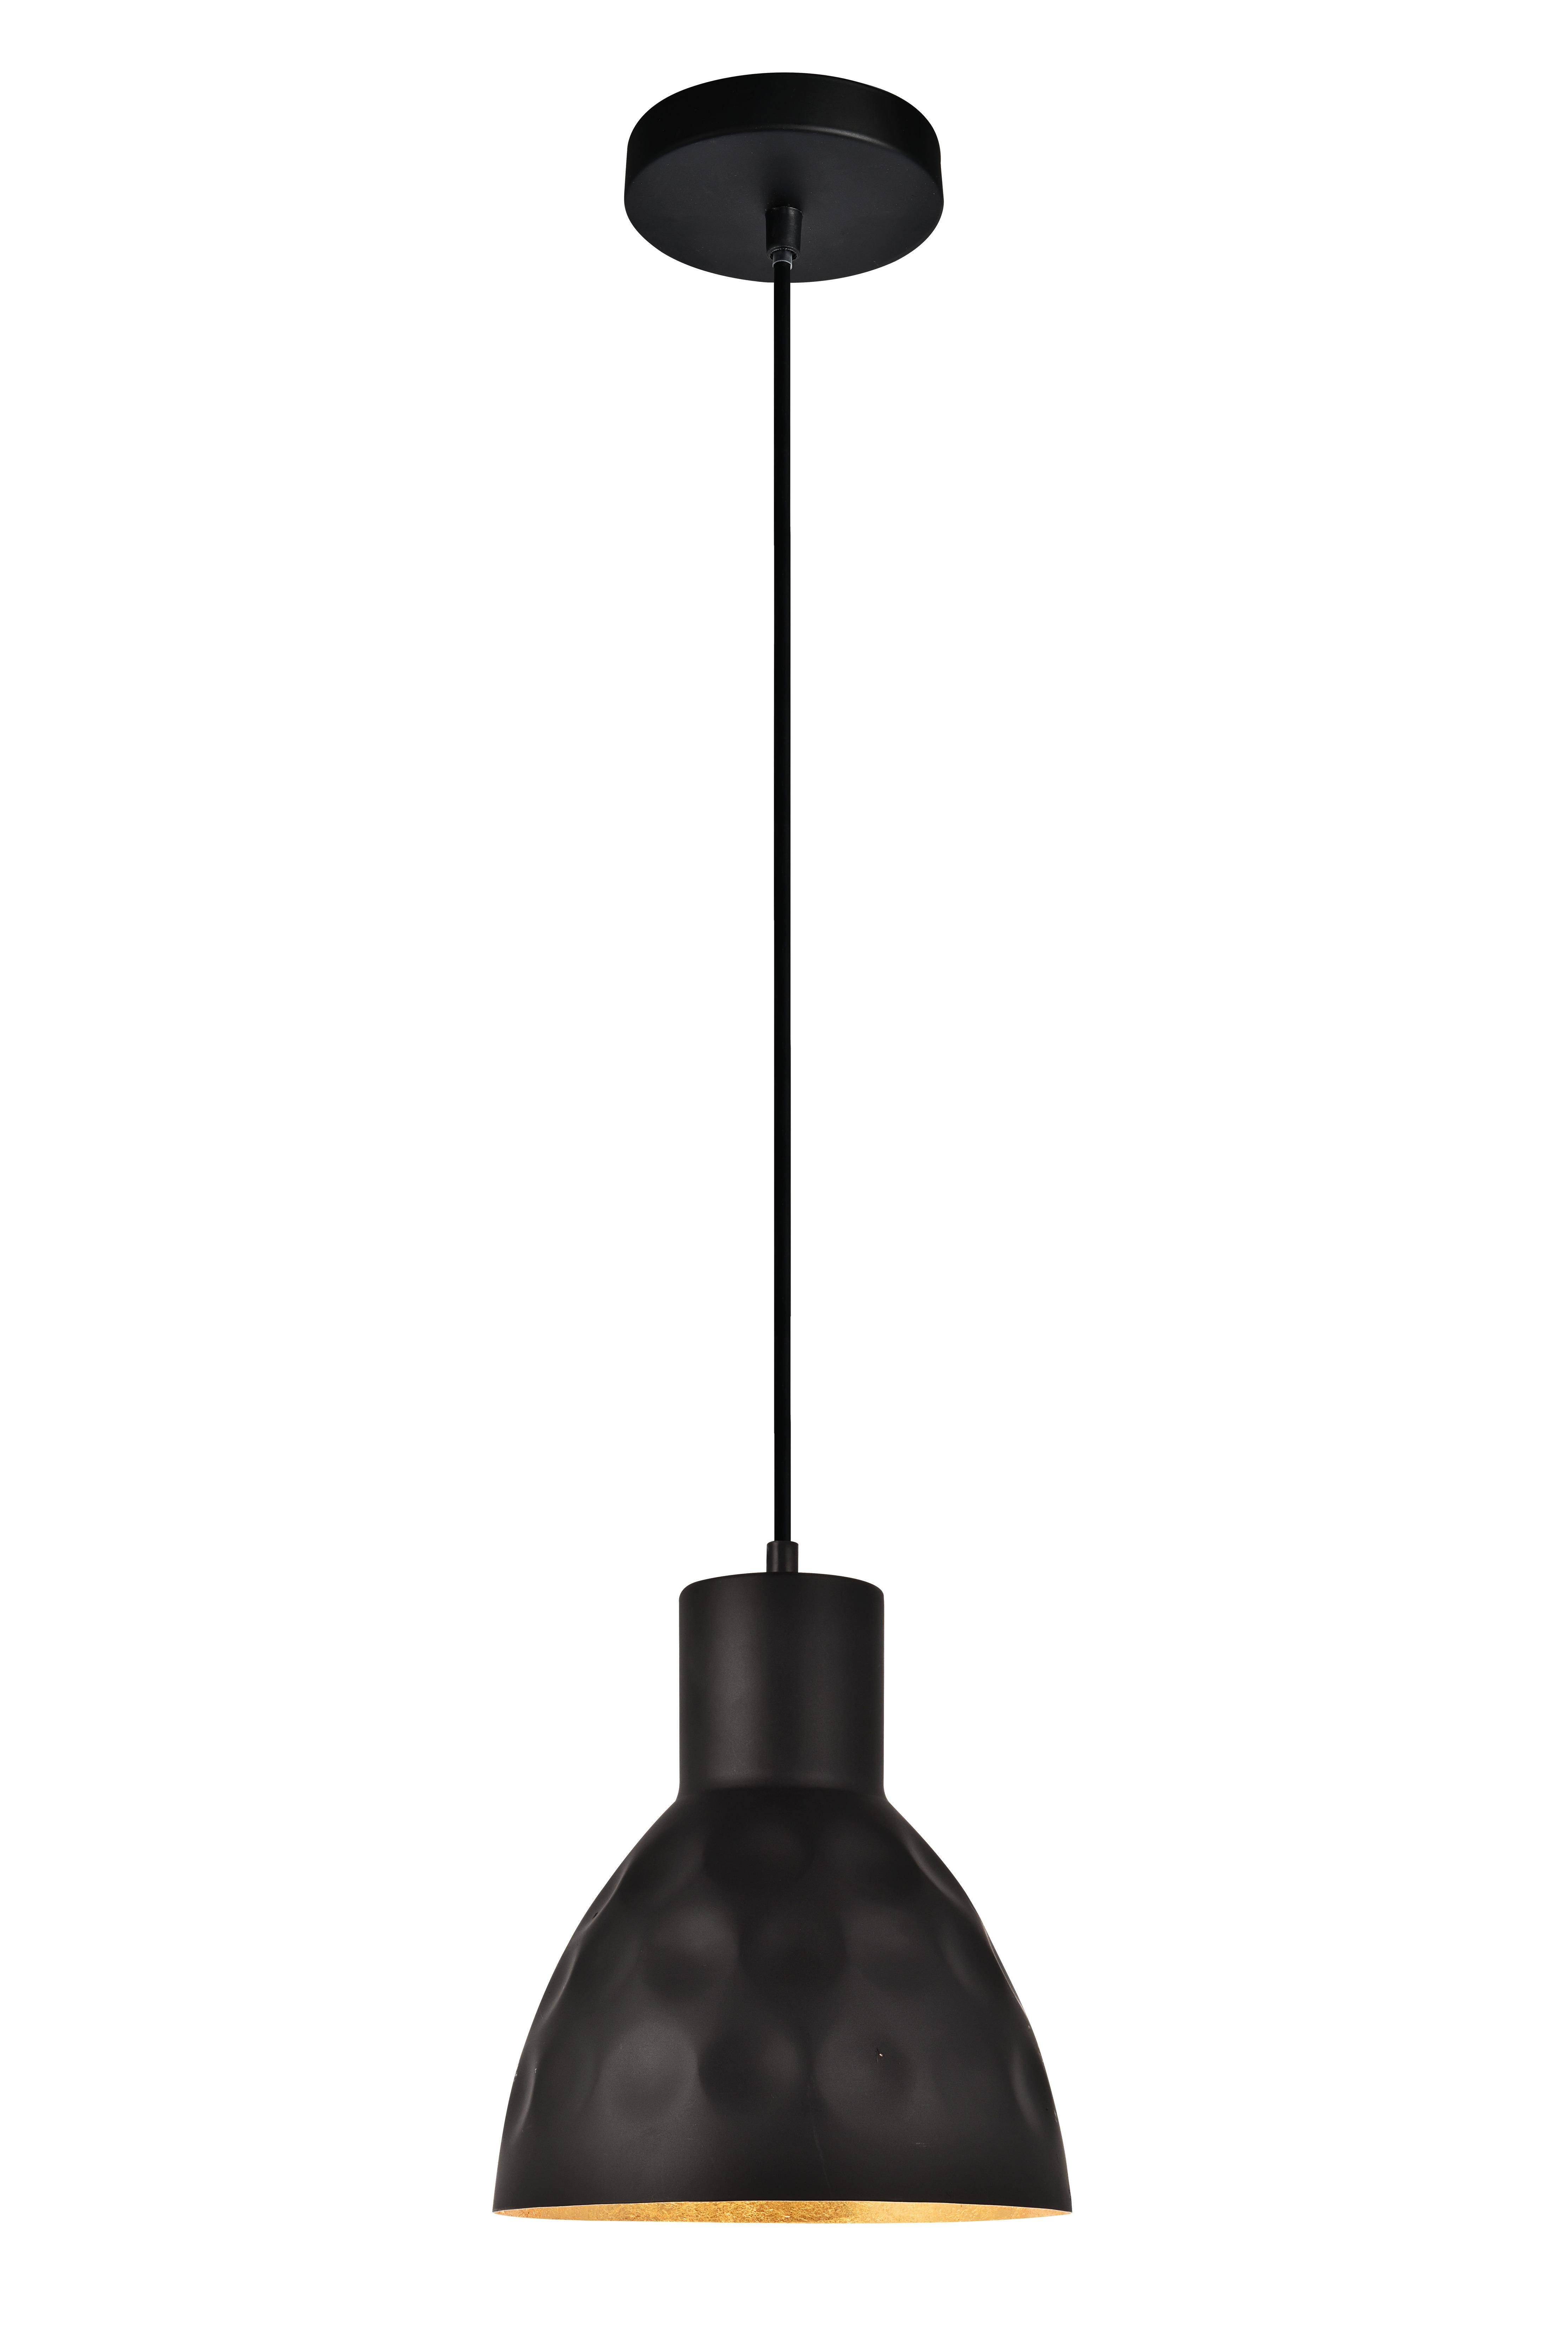 Reinhold 1 Light Bell Pendant For 2019 Yarger 1 Light Single Bell Pendants (View 13 of 20)